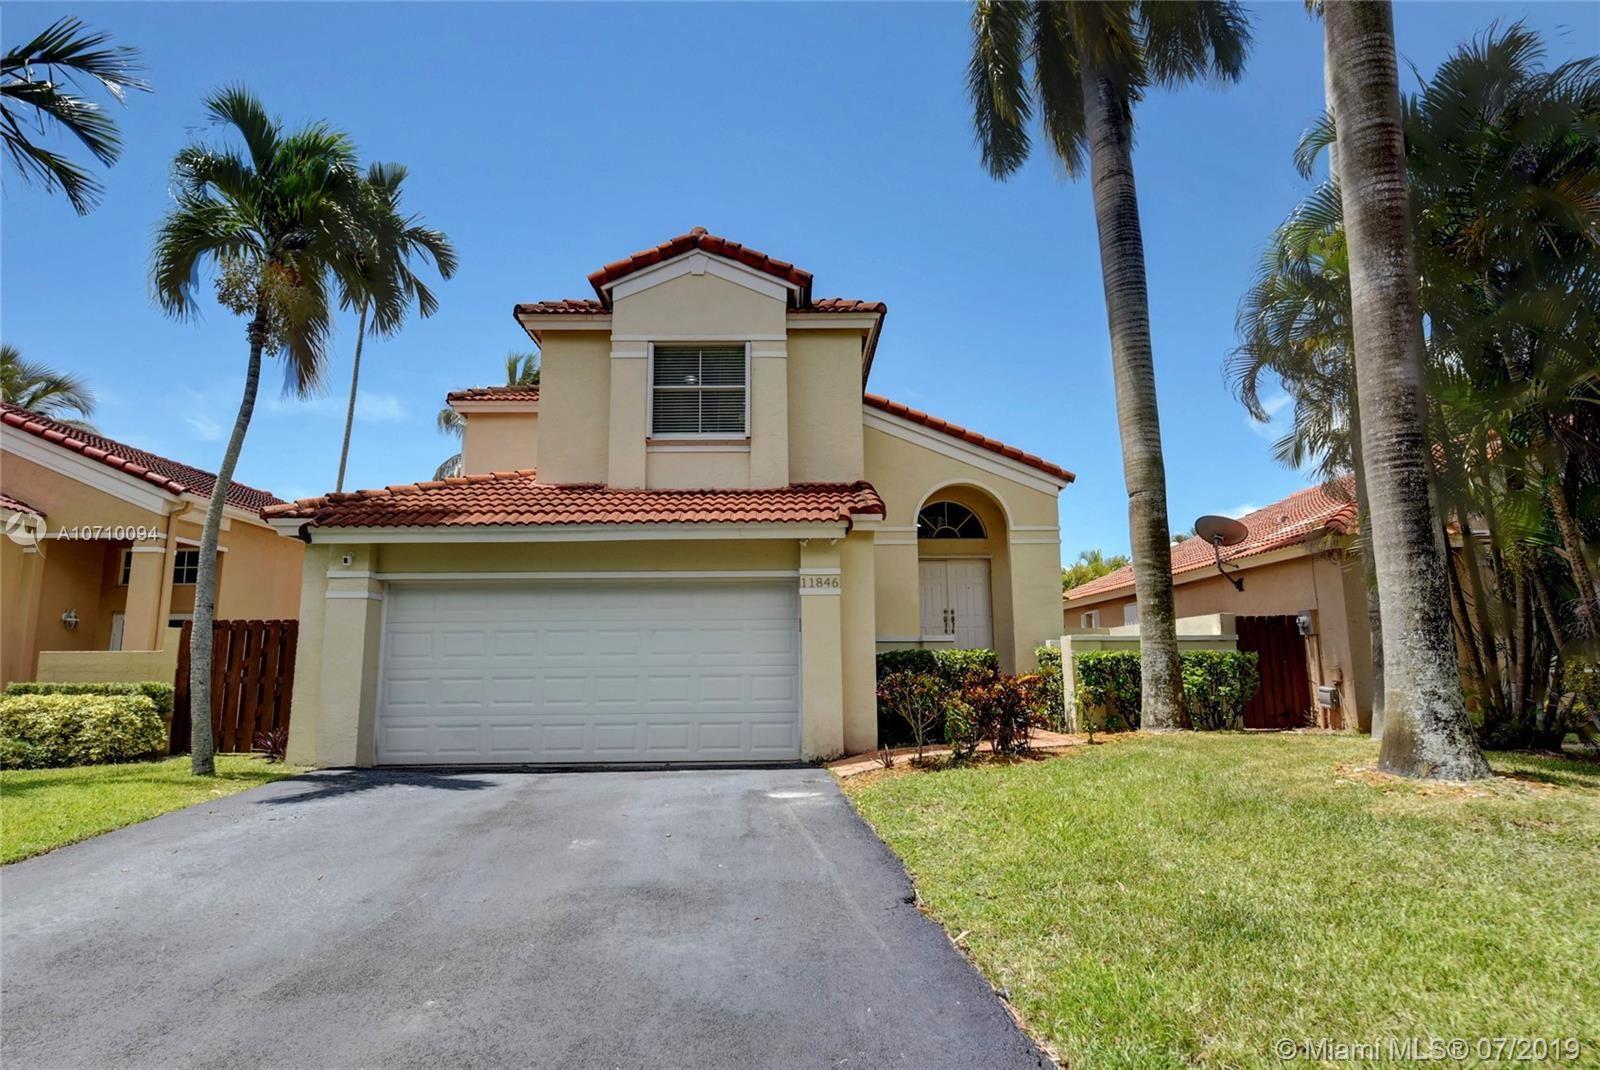 11846 SW 90th Ter, Miami, FL 33186 - MLS#: A10710094